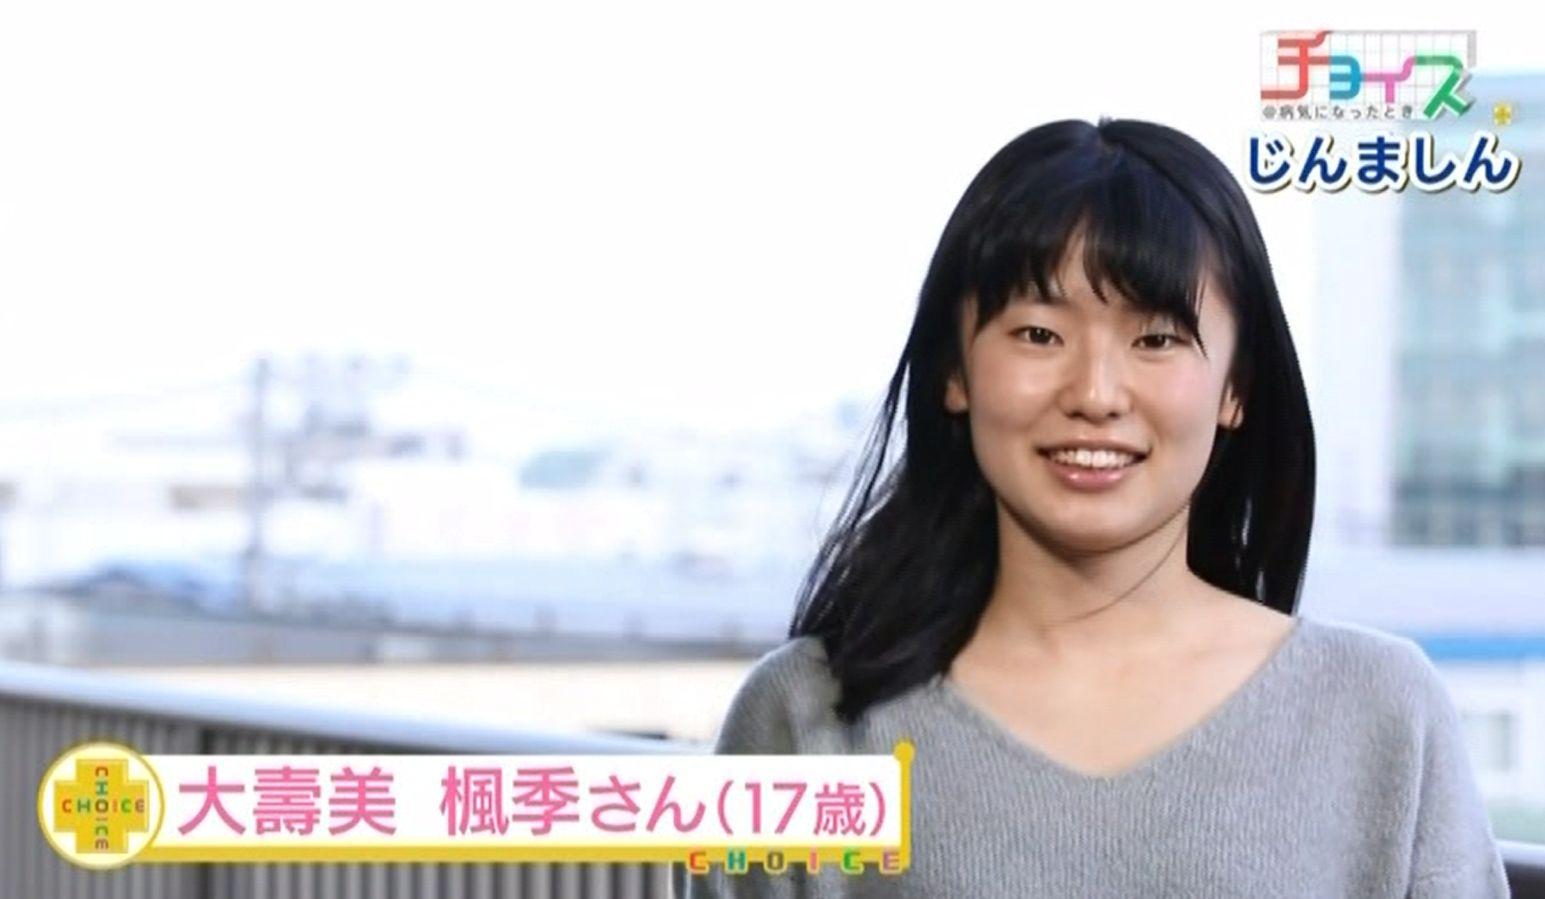 5年間、じんましんの治療を続けている大壽美 楓季さん(17歳)